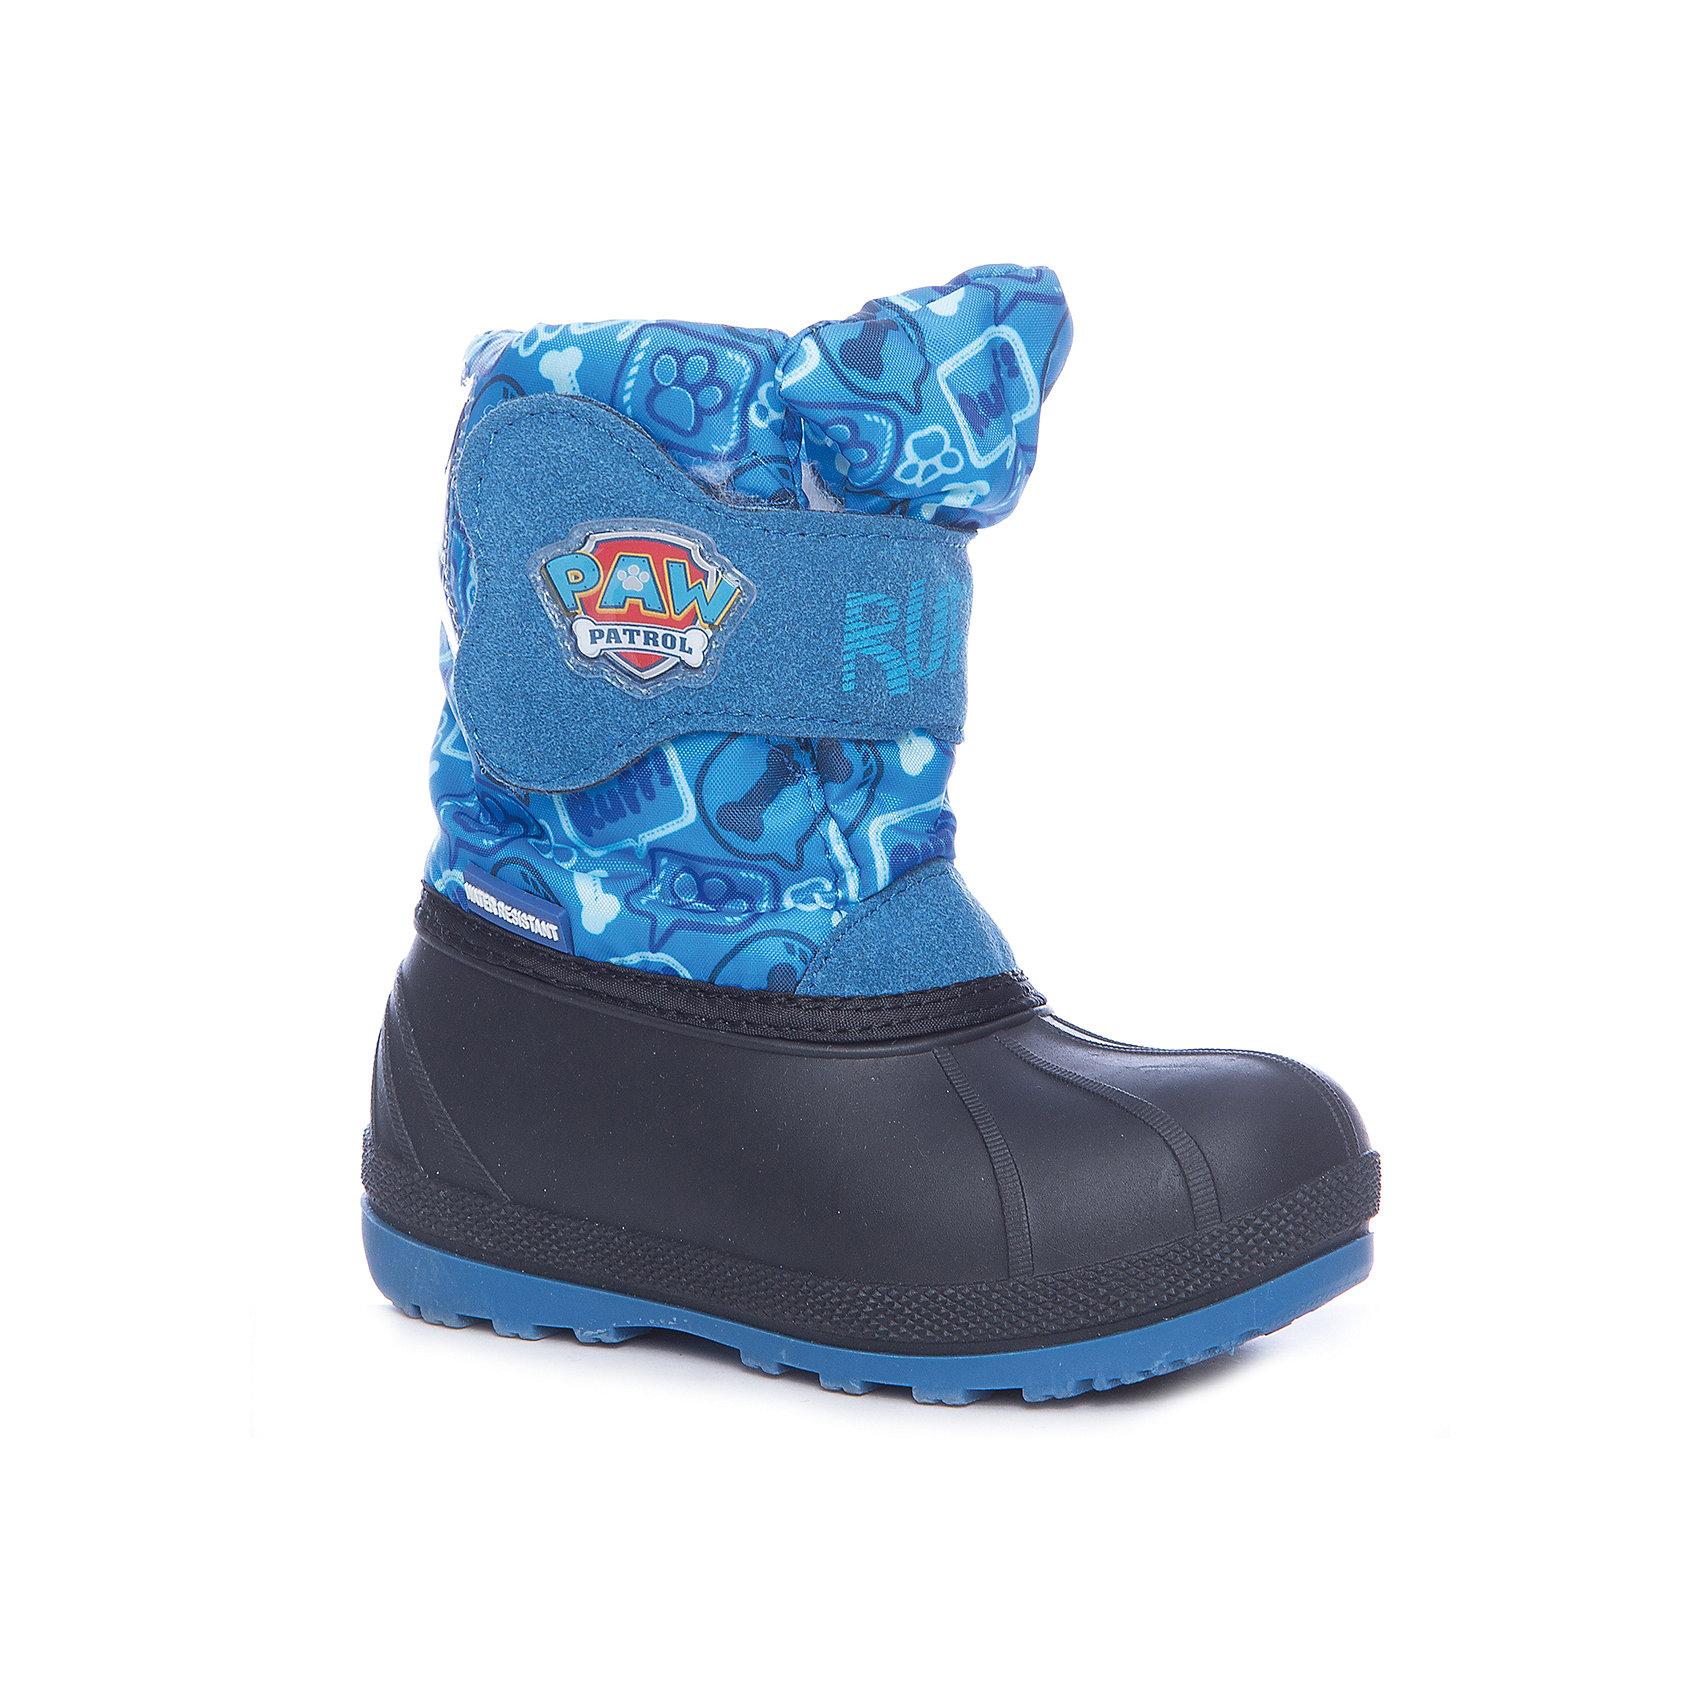 Сноубутсы Kakadu для мальчикаСноубутсы<br>Характеристики товара:<br><br>• цвет: синий<br>• материал верха: искусственная кожа, текстиль<br>• подклад: натуральная шерсть<br>• стелька: натуральная шерсть<br>• подошва: ТПР<br>• сезон: зима<br>• температурный режим: от 0 до -20<br>• застежка: липучка<br>• подошва не скользит <br>• непромокаемые<br>• съемная стелька<br>• анатомические<br>• страна бренда: Российская Федерация<br>• страна изготовитель: Китай<br><br>Зимние сапоги для мальчика Kakadu позволяют сохранить ноги в тепле и избежать их промокания. Высокое голенище защищает от попадания снега внутрь. <br><br>Сапоги декорированы аппликацией с героем мультфильма «Щенячий патруль». Износостойкая устойчивая подошва обеспечивает удобство, теплая съемная стелька легко просушивается.<br><br>Сапоги для мальчика Kakadu (Какаду) можно купить в нашем интернет-магазине.<br><br>Ширина мм: 257<br>Глубина мм: 180<br>Высота мм: 130<br>Вес г: 420<br>Цвет: синий<br>Возраст от месяцев: 72<br>Возраст до месяцев: 84<br>Пол: Мужской<br>Возраст: Детский<br>Размер: 30,25,26,27,28,29<br>SKU: 6918338